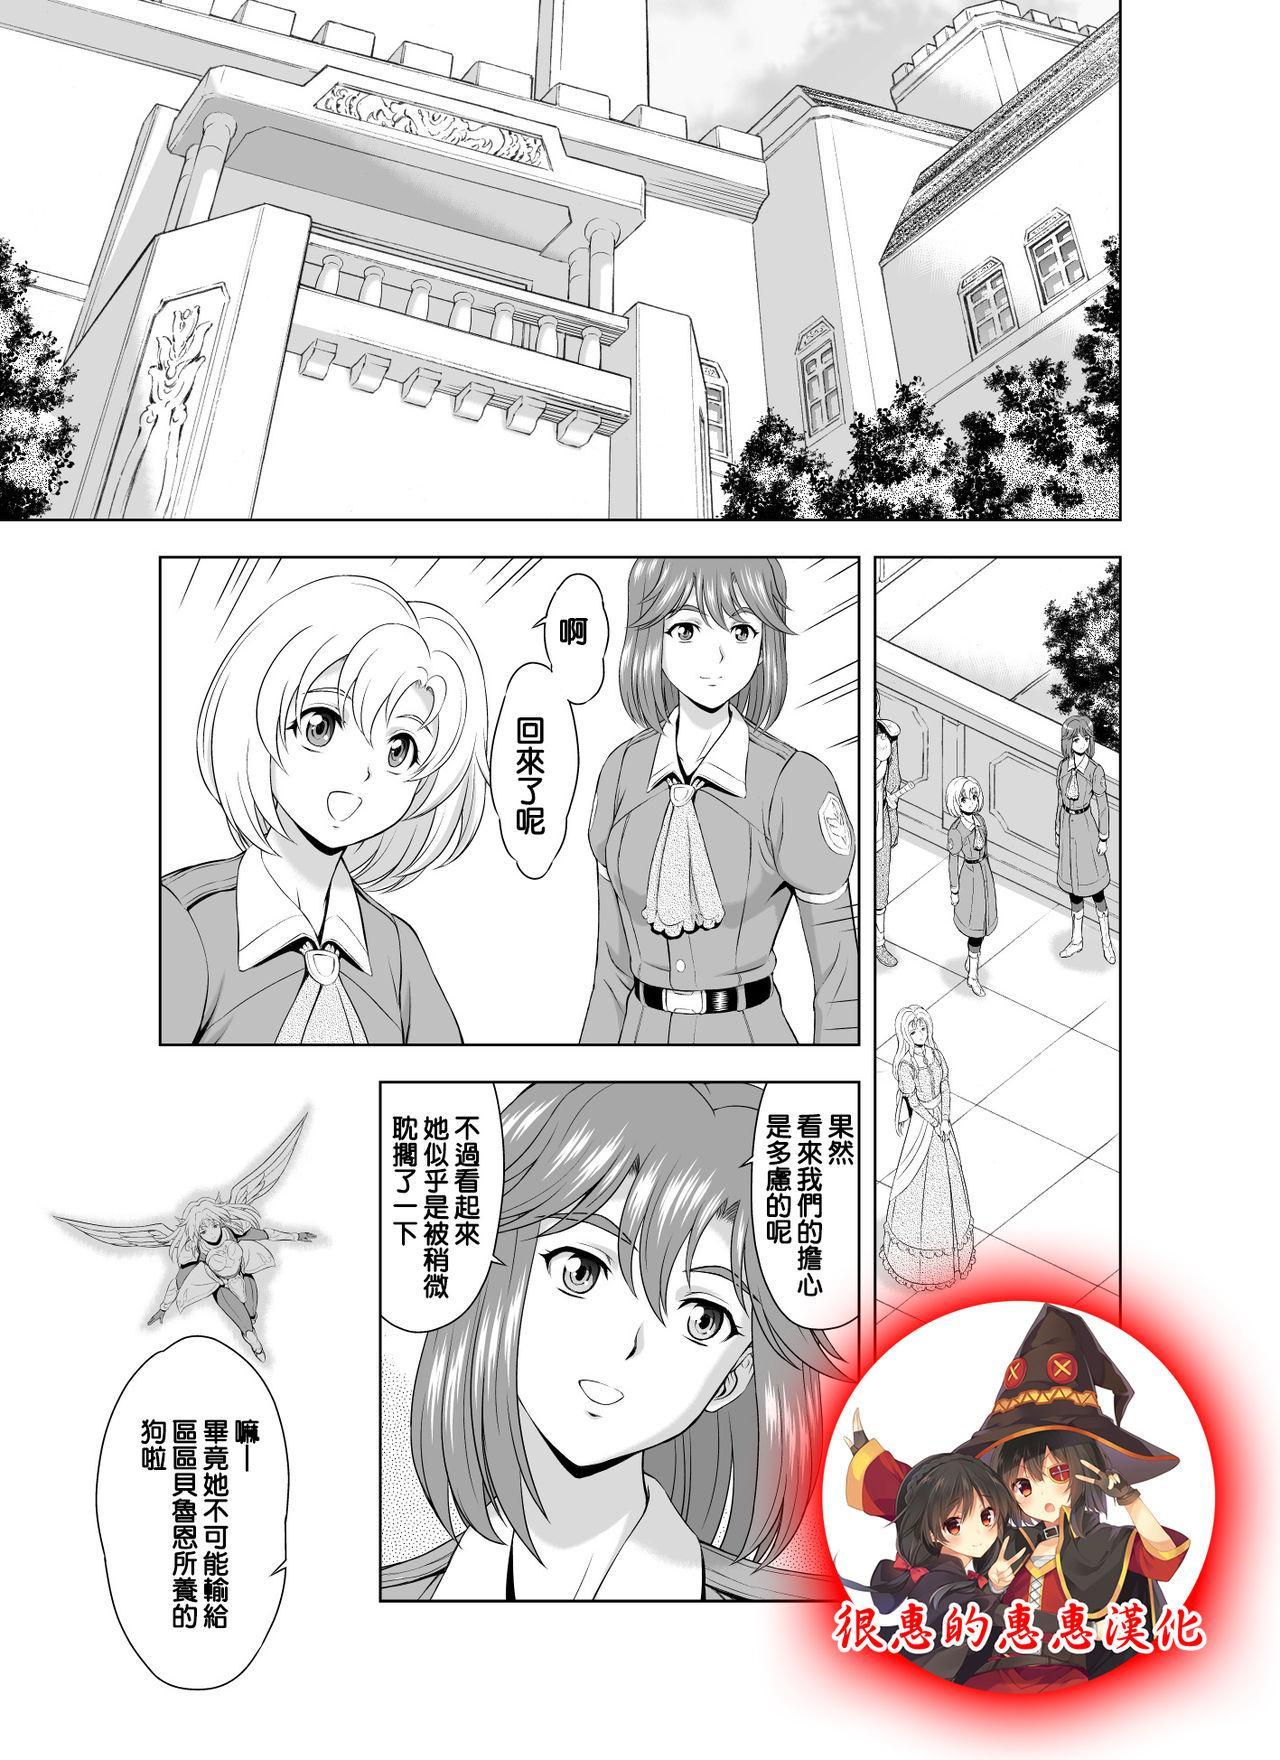 Reties no Michibiki Vol. 2 | 蕾蒂絲的引導 Vol. 2 0